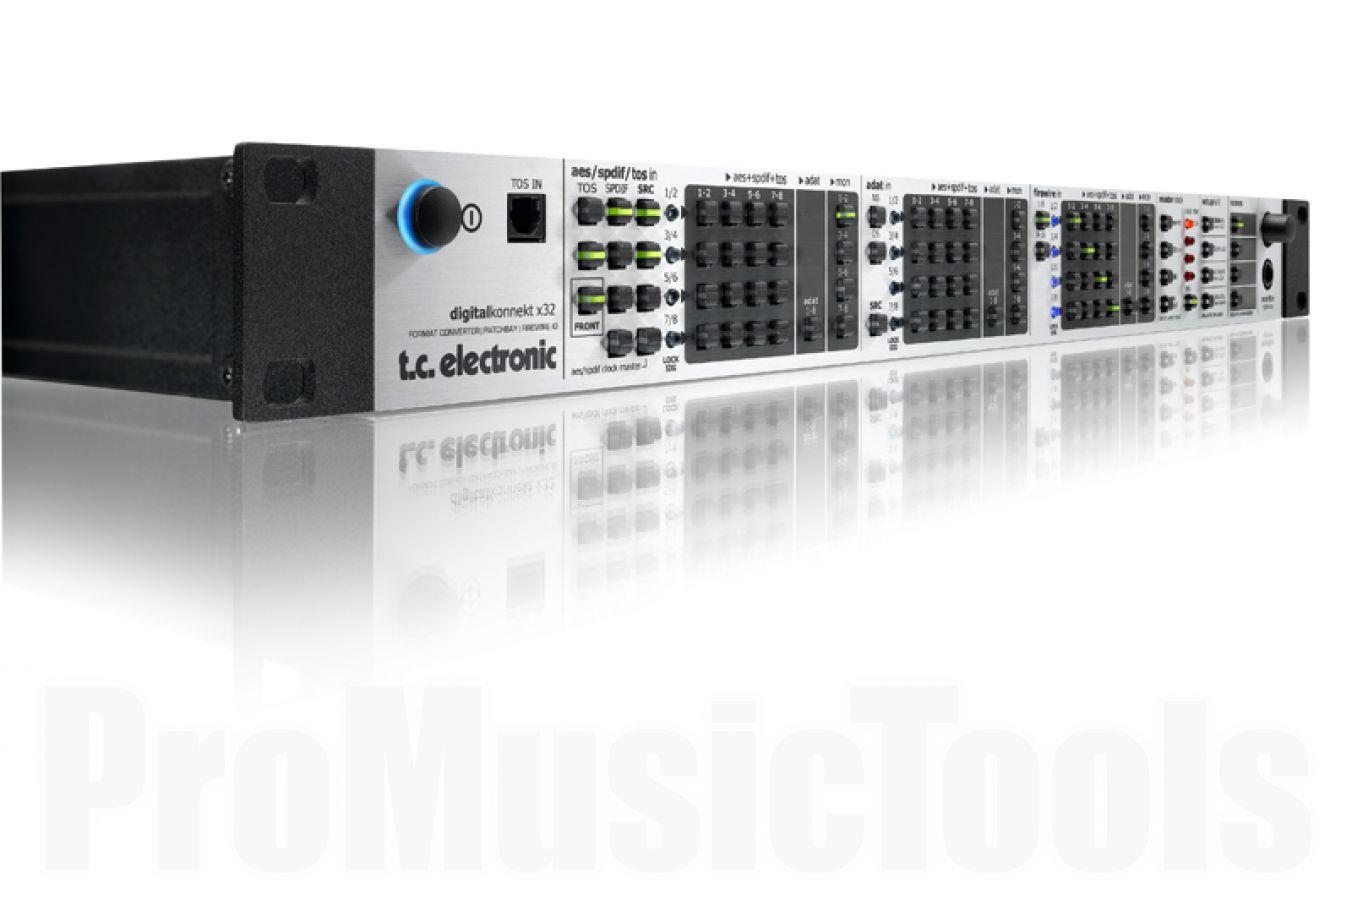 TC Electronic Digital Konnekt x32 - demo